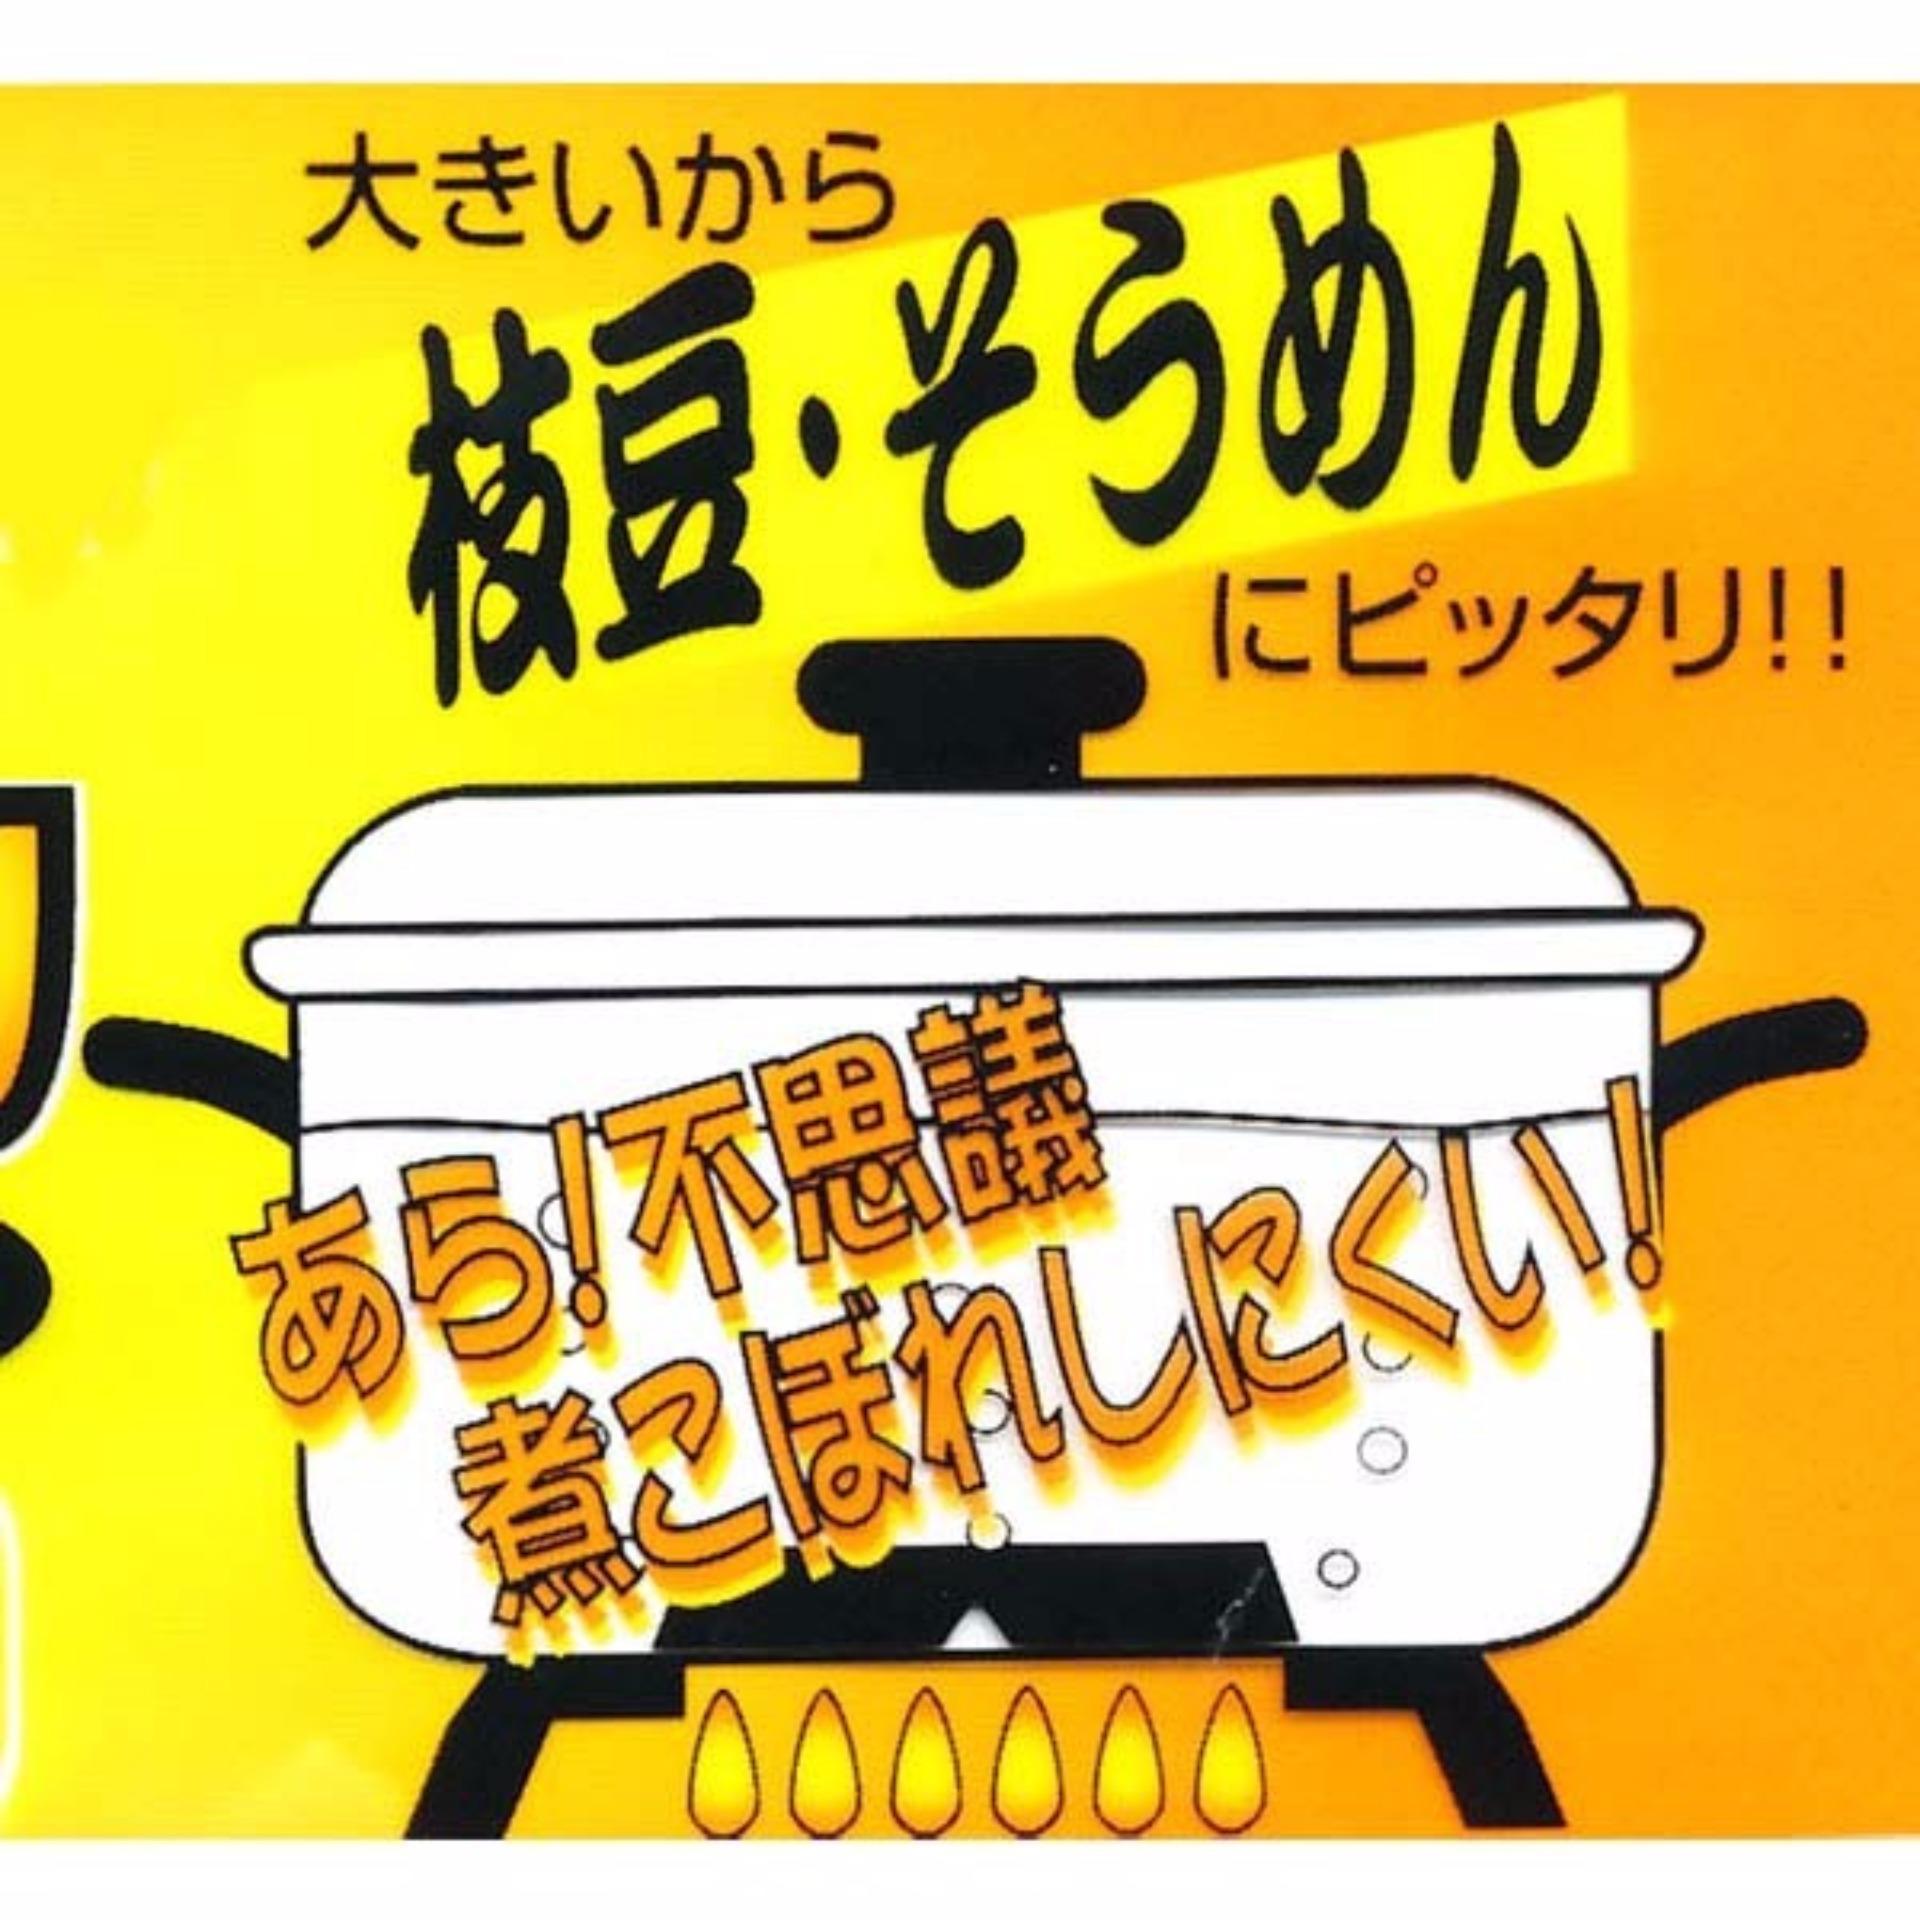 Dụng cụ lót nồi chống trào khi nấu Echo Nhật